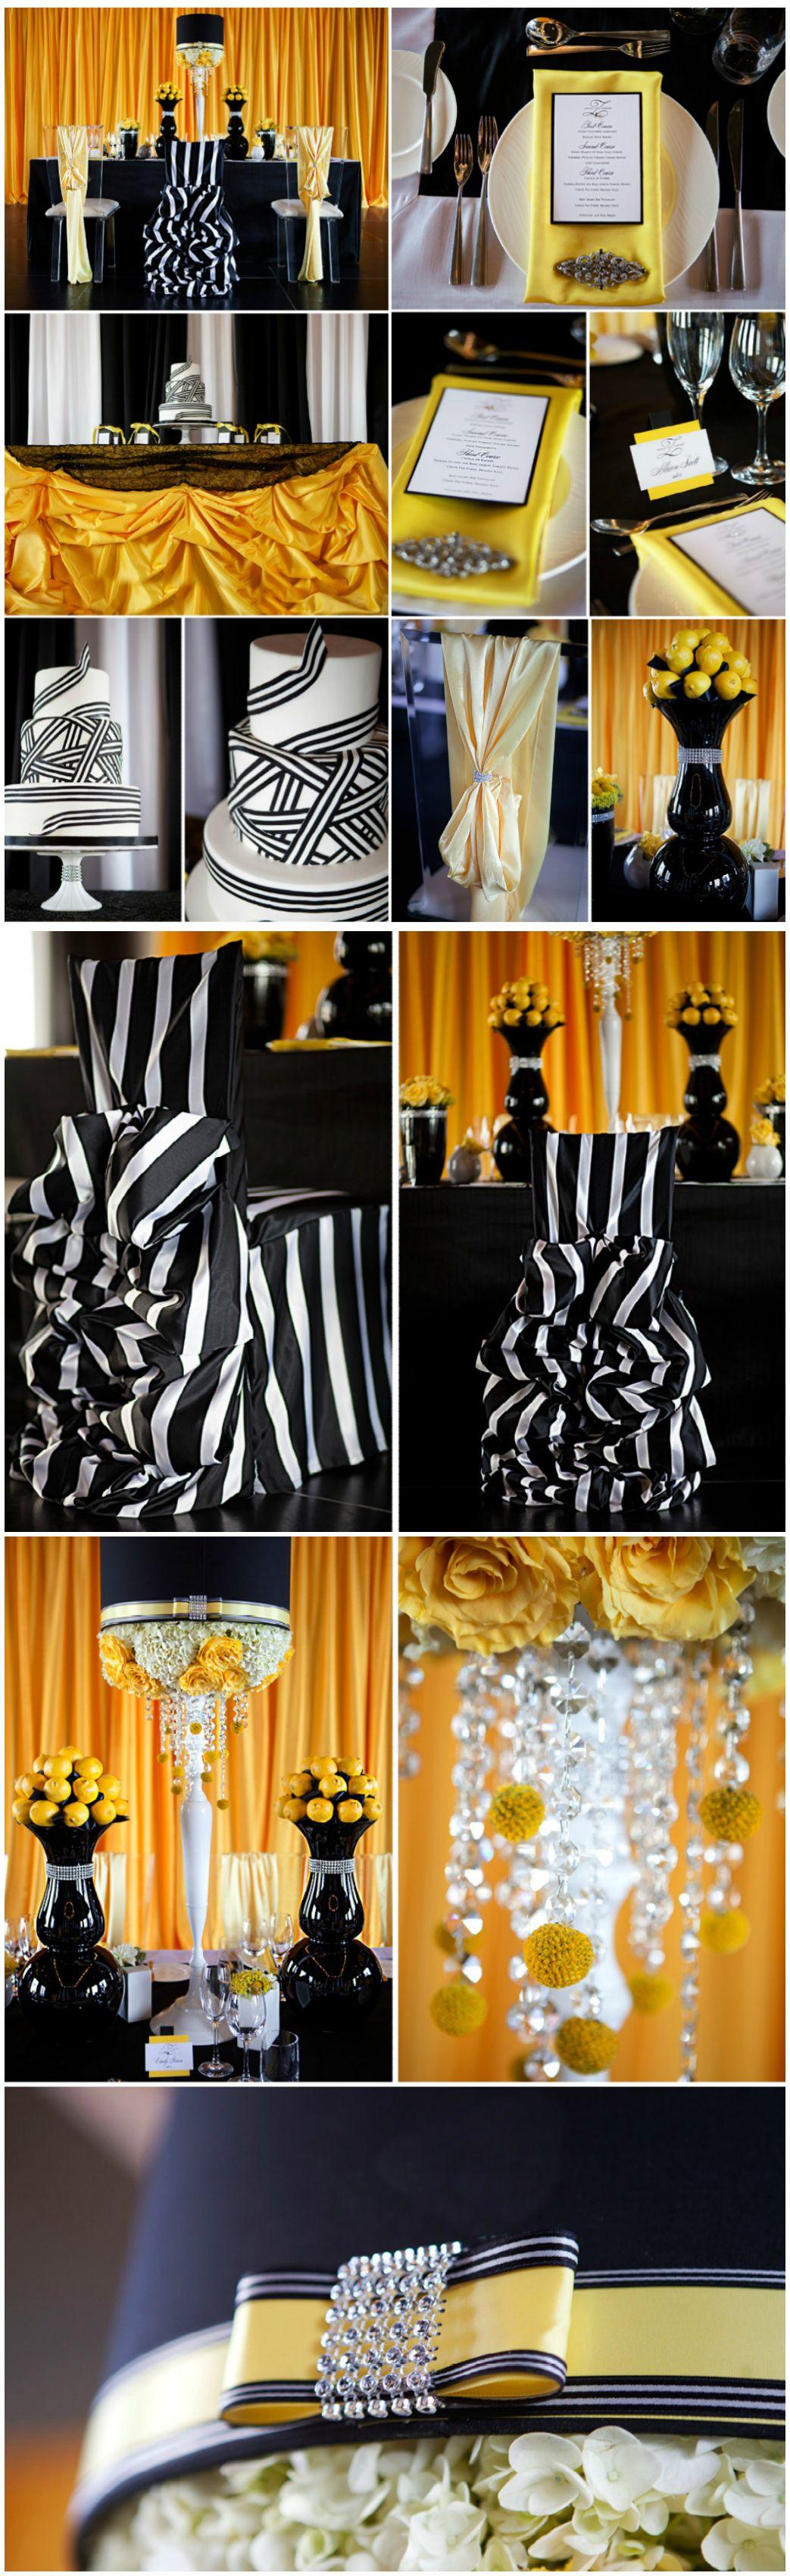 Tablescape ○ Black \u0026 Gold Visit \u0026 Like our Facebook page! https ...